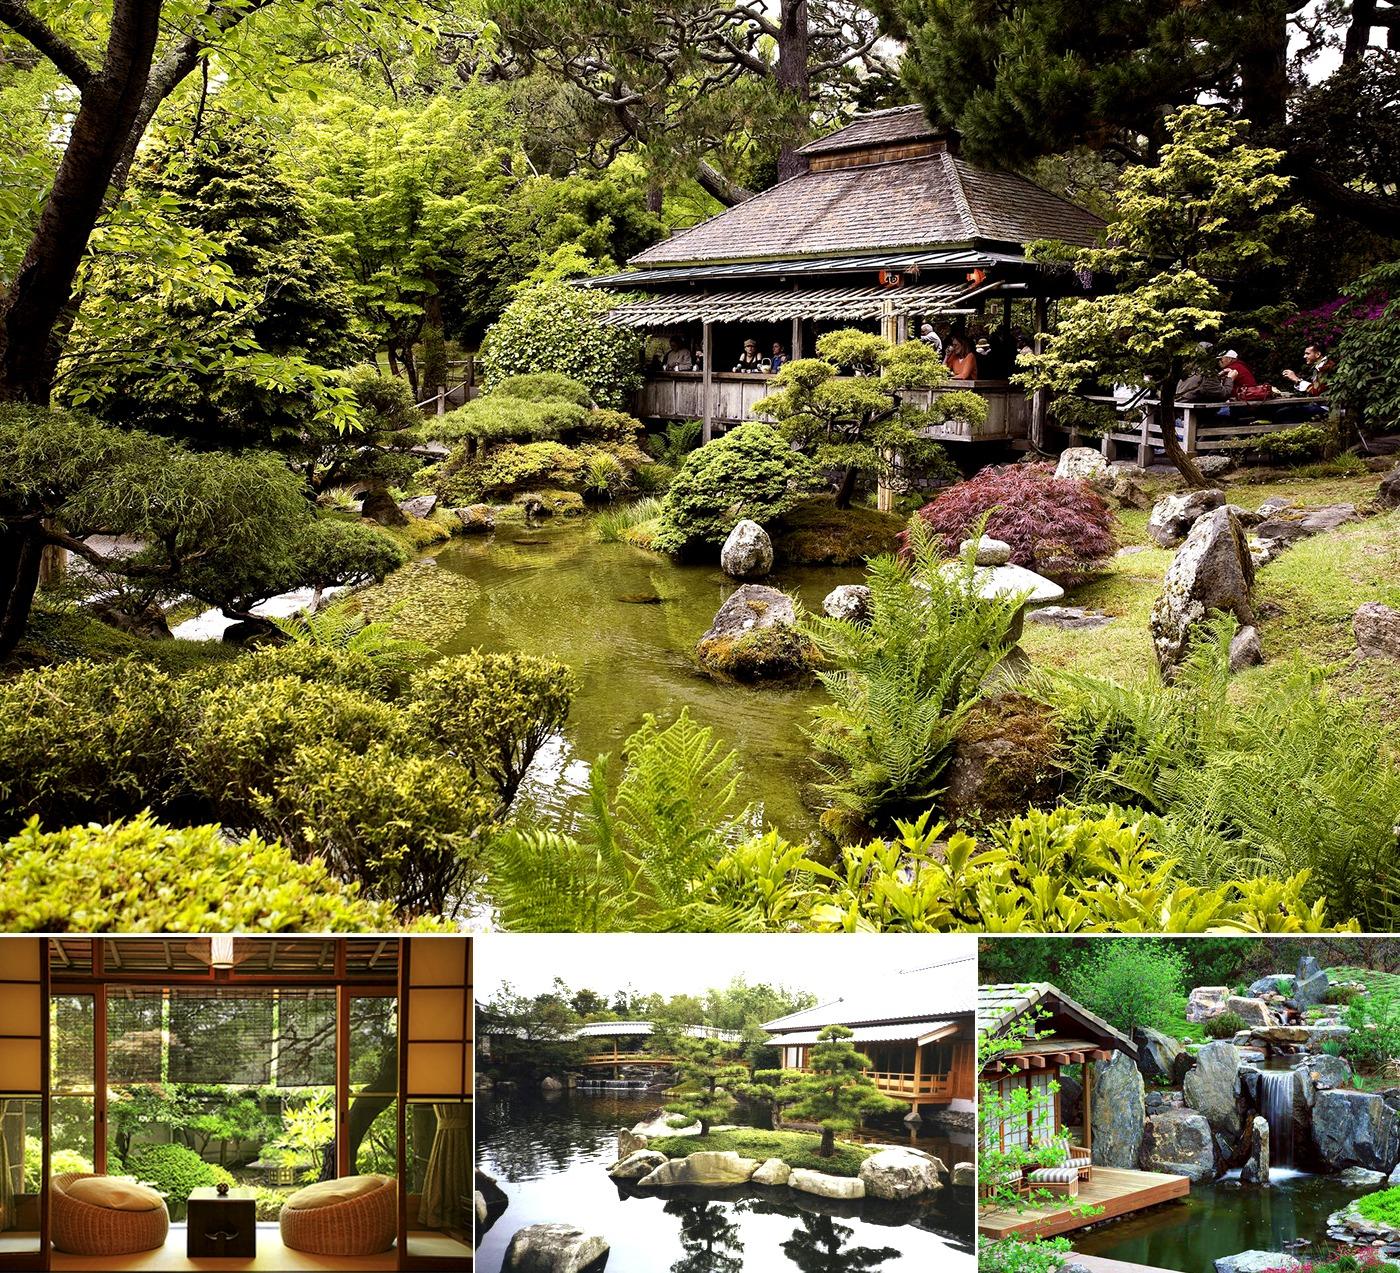 Thể loại vườn trà ( Chaniwa ) trong phong cách vườn Nhật Bản